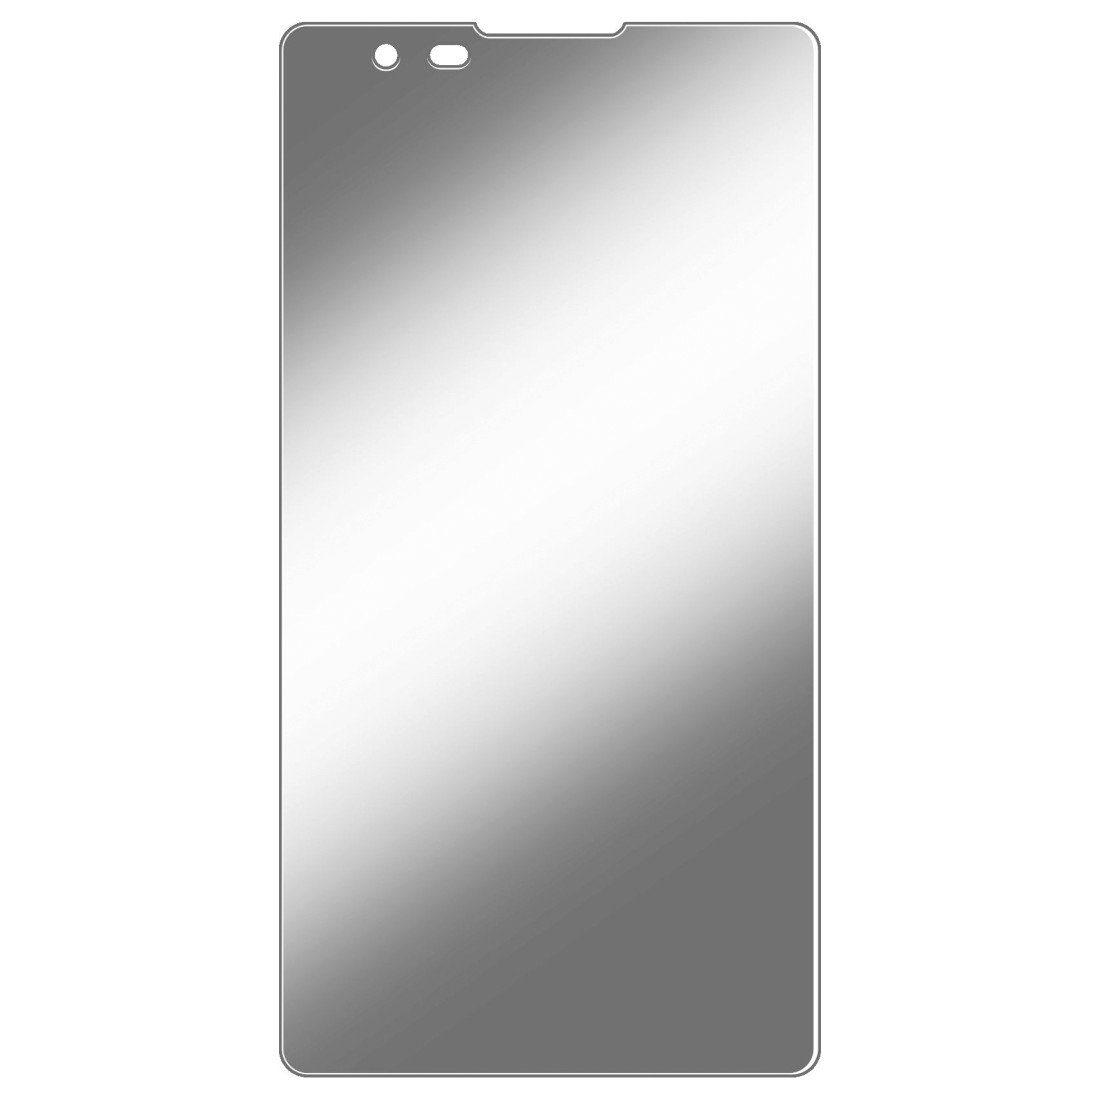 Hama Display-Schutzfolie Crystal Clear für LG X Power, 2 Stück